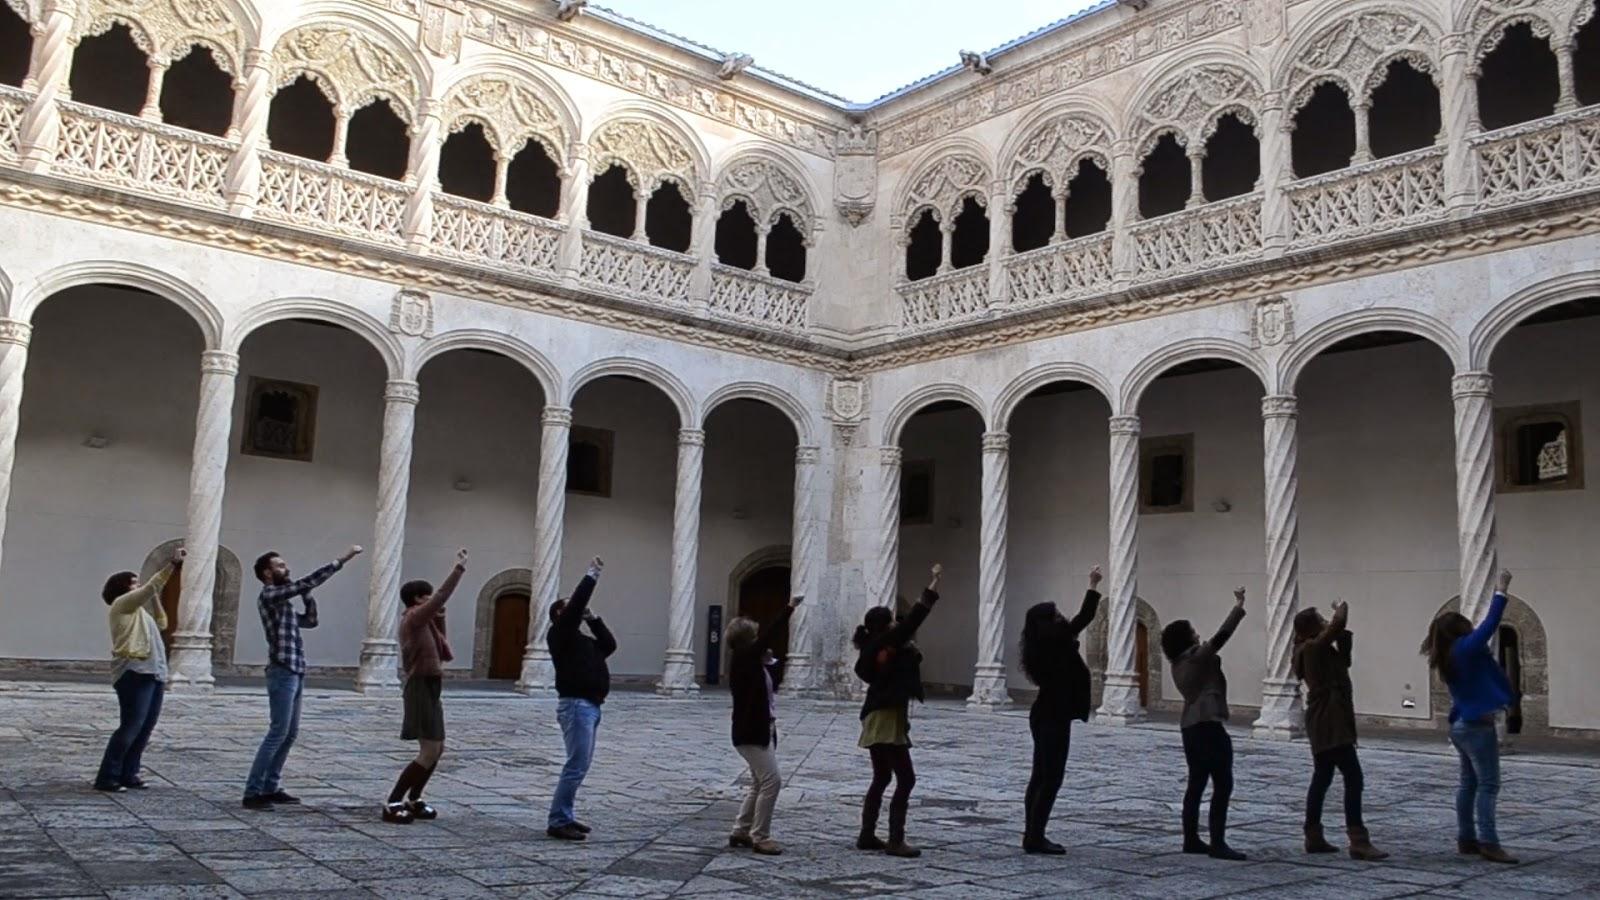 Museo Nacional de Escultura, Valladolid. Y después del baile, ¿qué? - Patrimo...